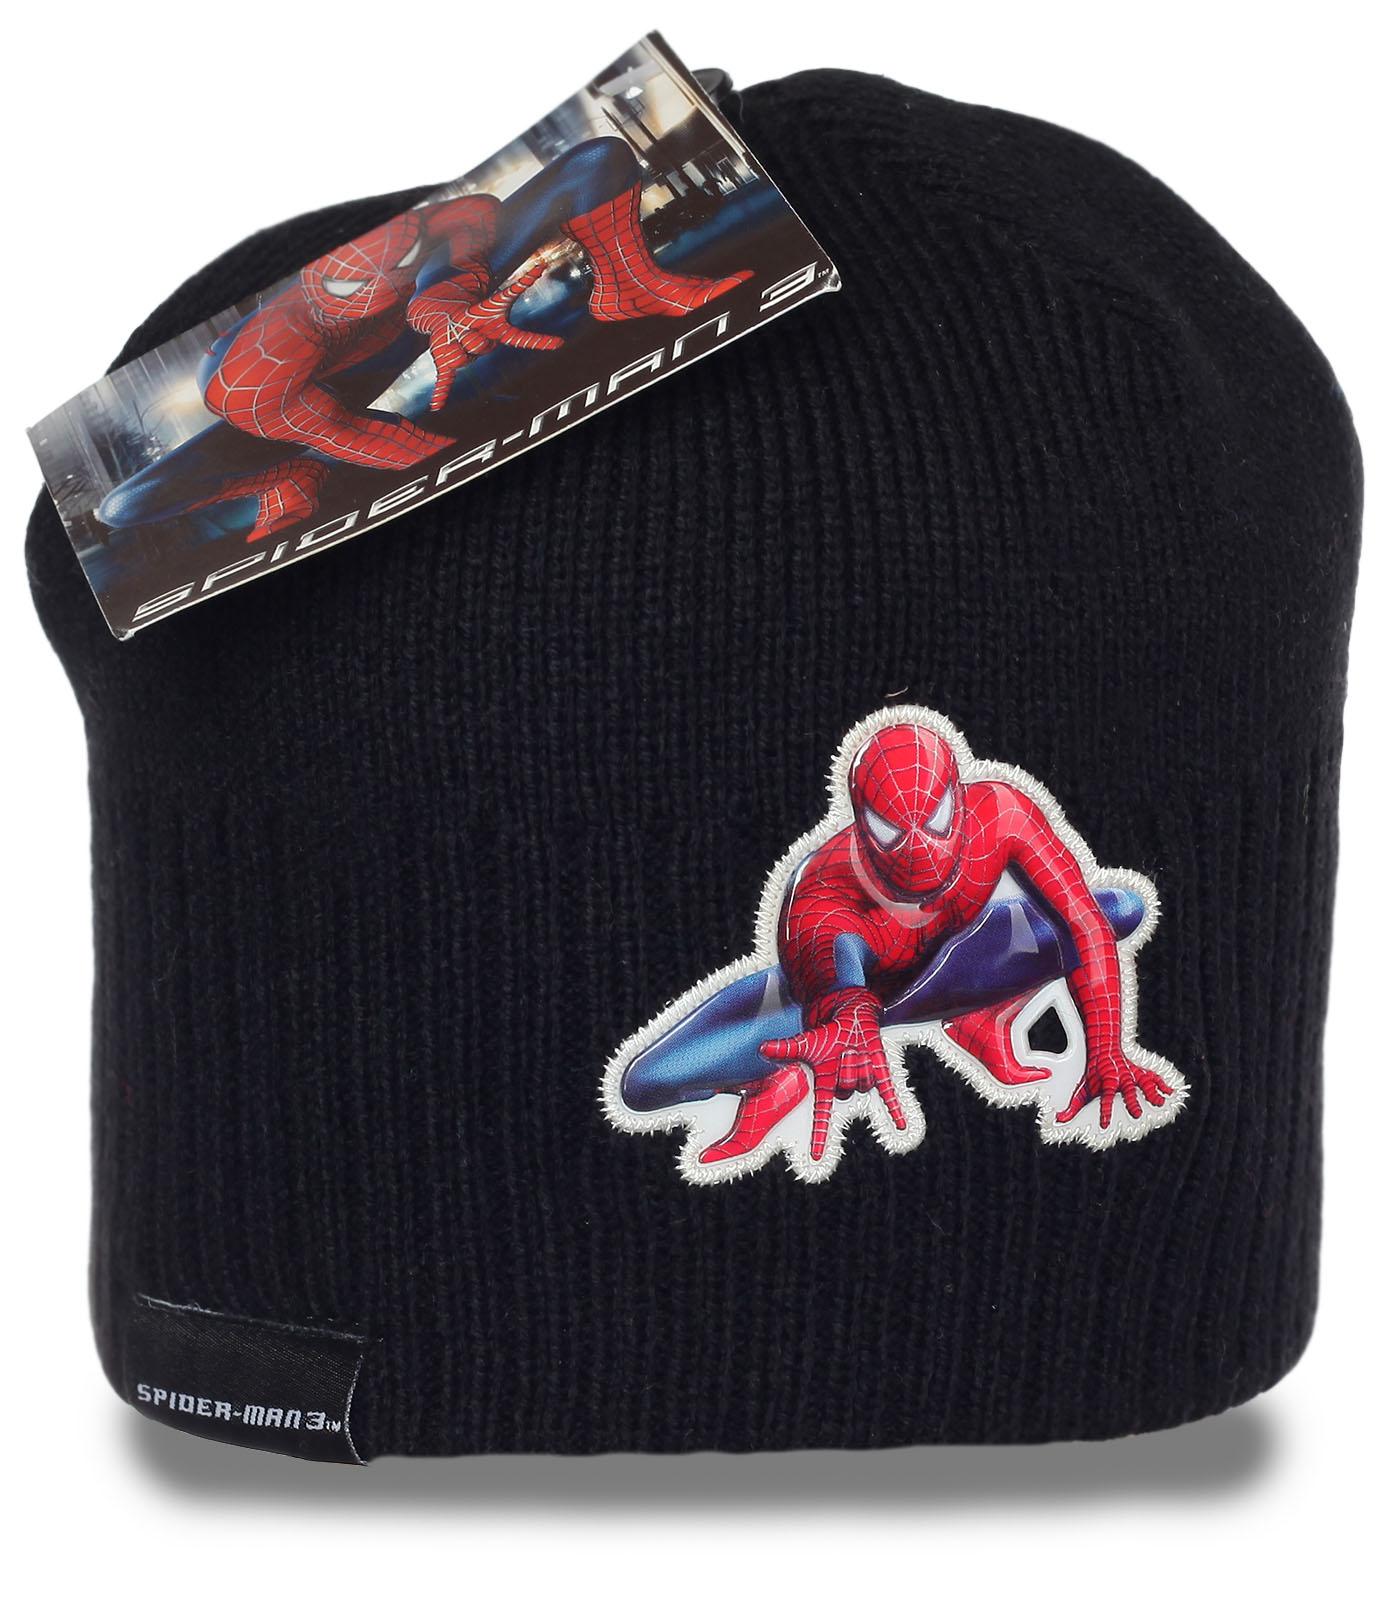 Фирменная шапка Spider-man. Стильный головной убор, в котором тепло в любую погоду